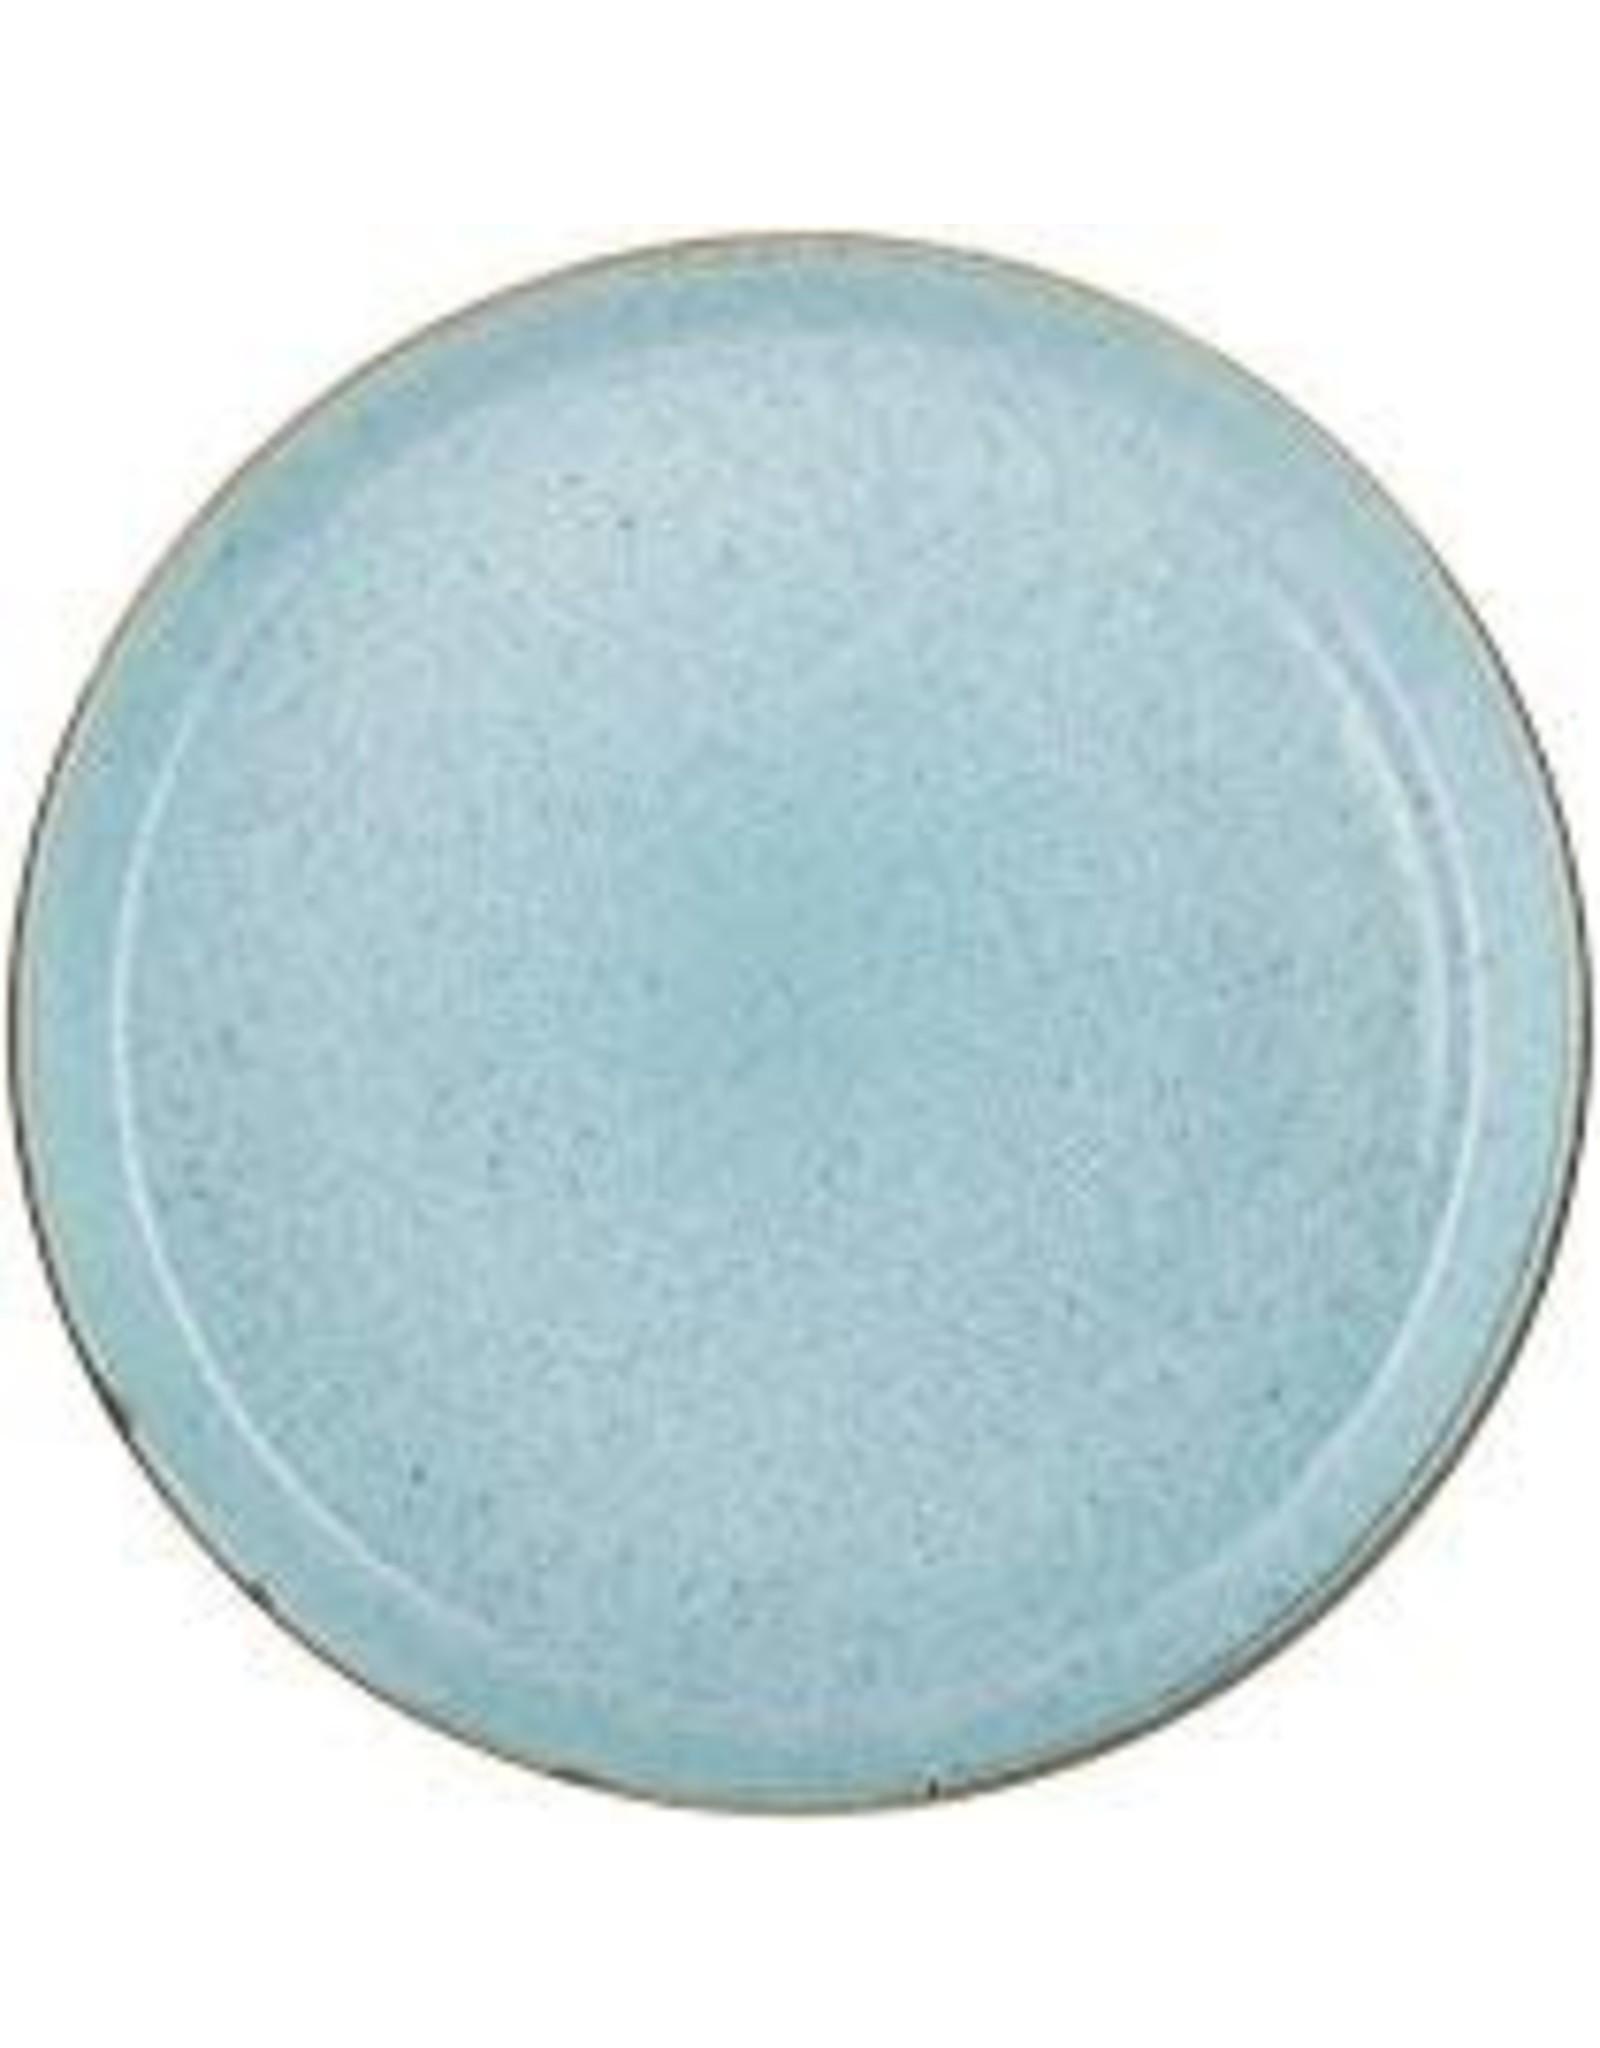 BITZ BITZ 821251 BORD 27X2.5CM GREY/LIGHT BLUE